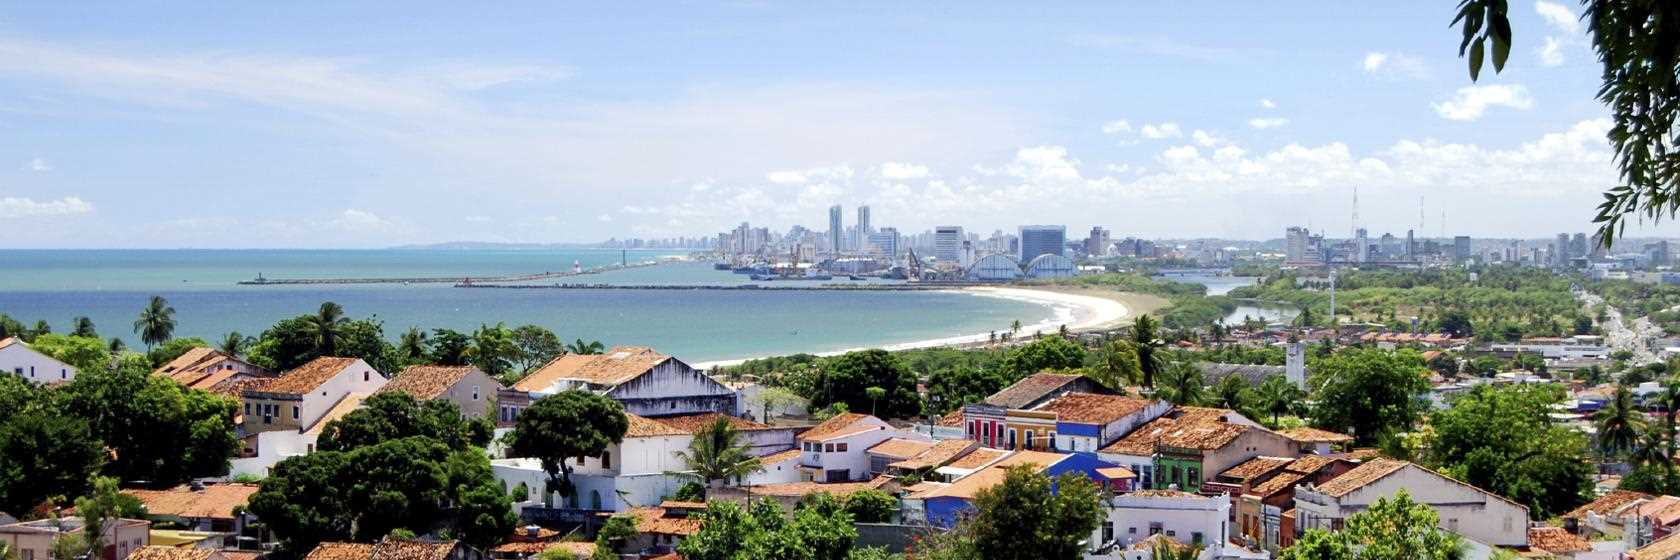 [Hotéis e Pousadas em Recife PE]